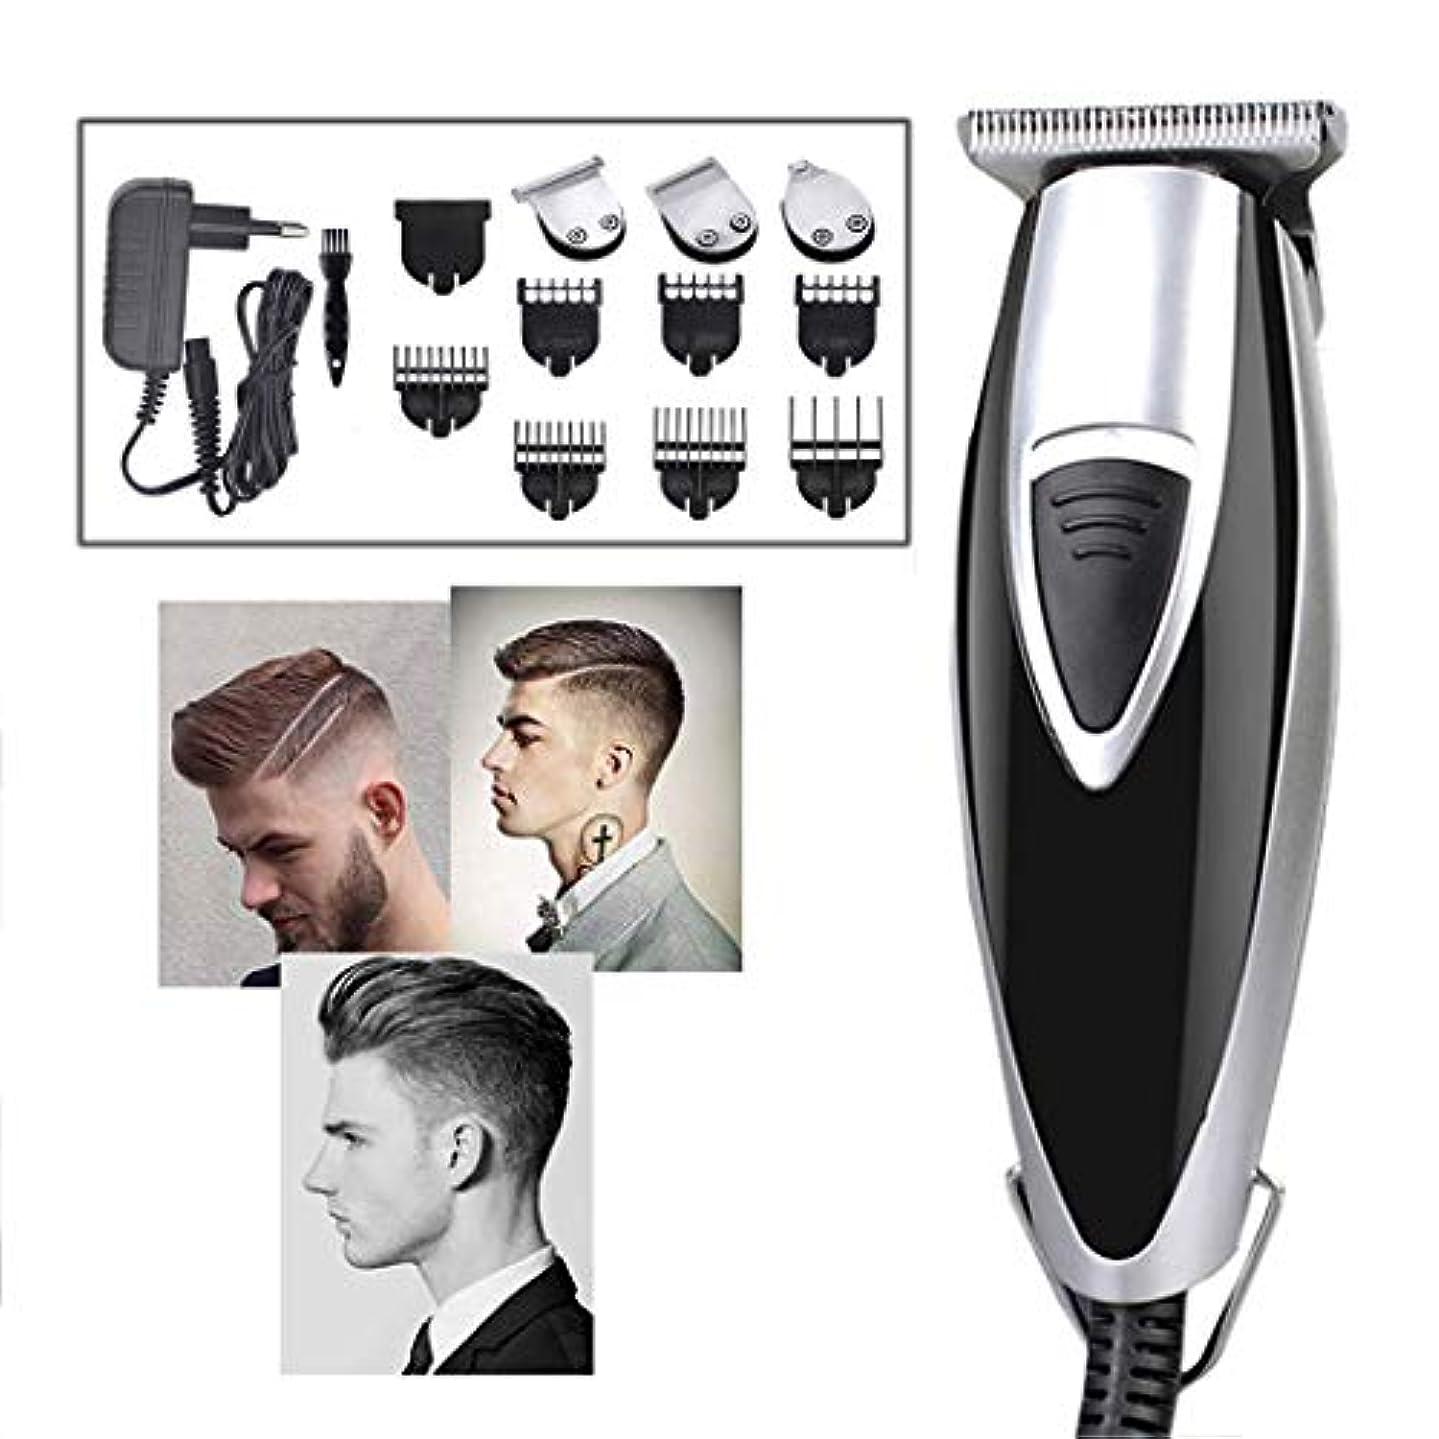 イースター比べる期間家の毛のための専門のバリカンのひげのトリマーメンズクリッパー